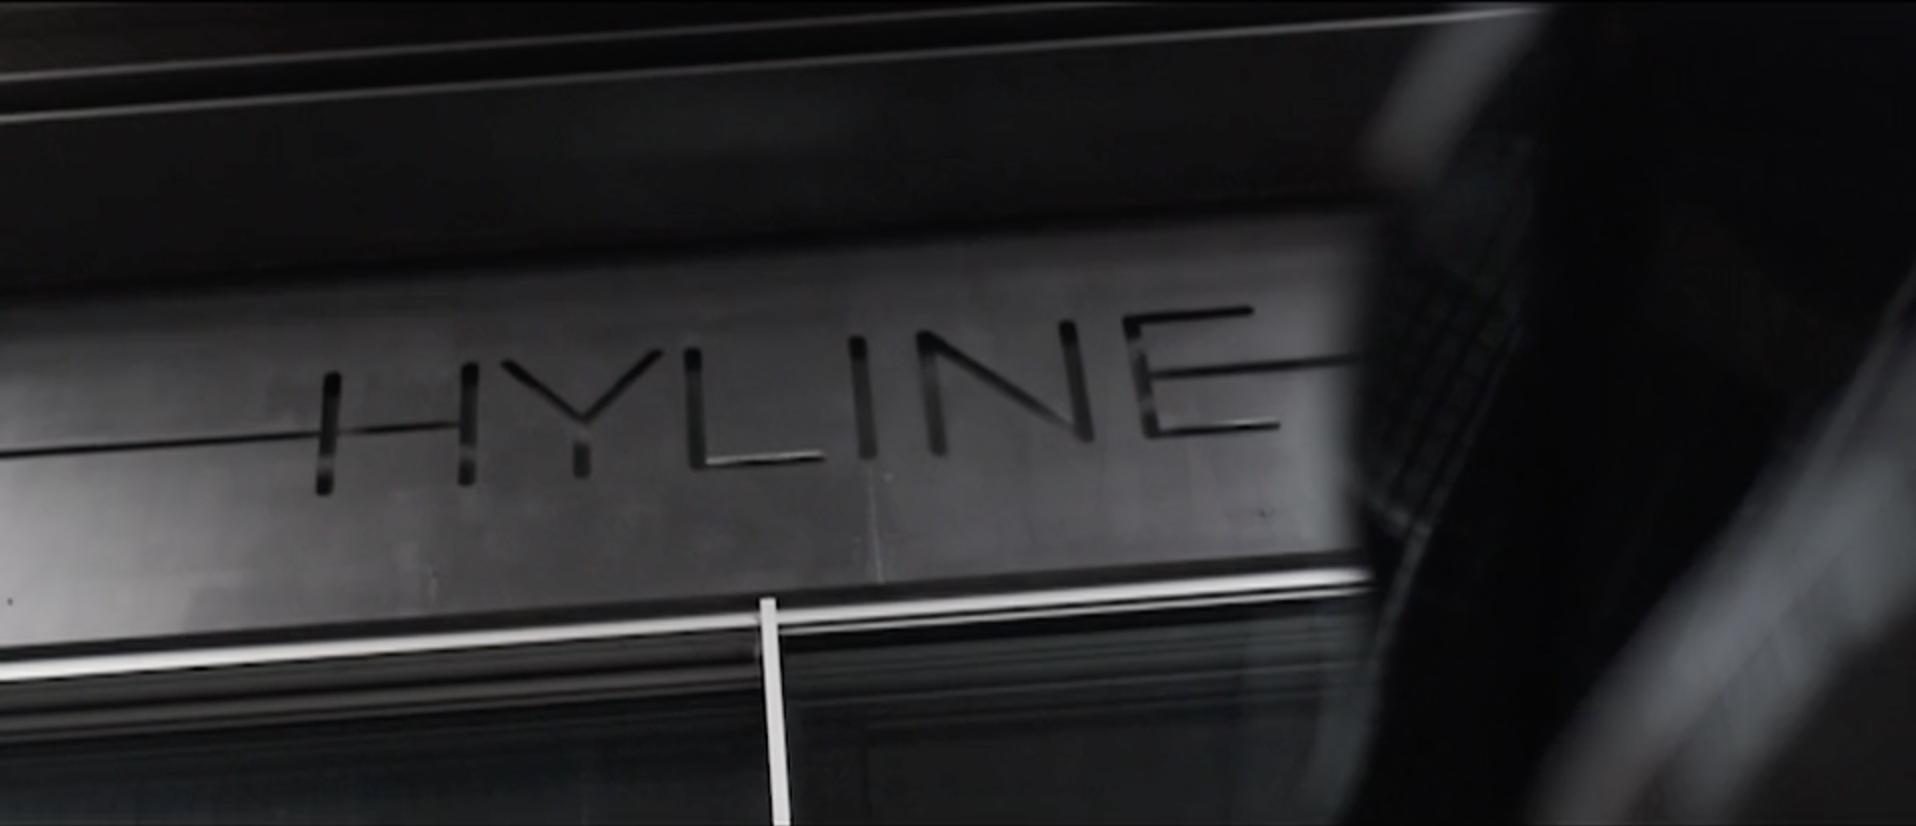 hyline com une exception